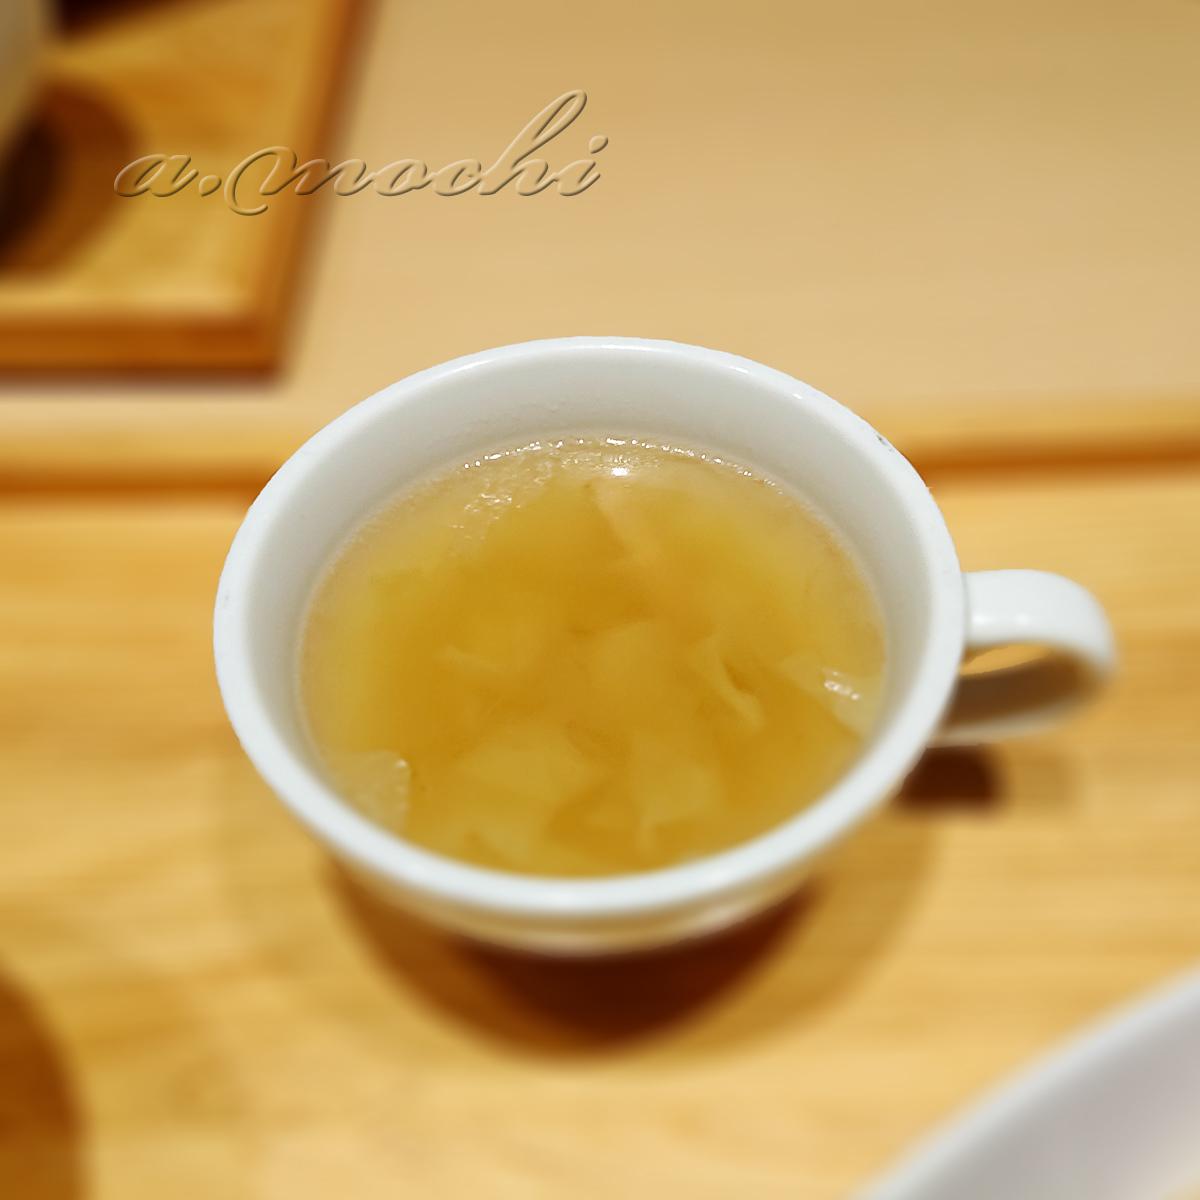 4_felice3_soup.jpg